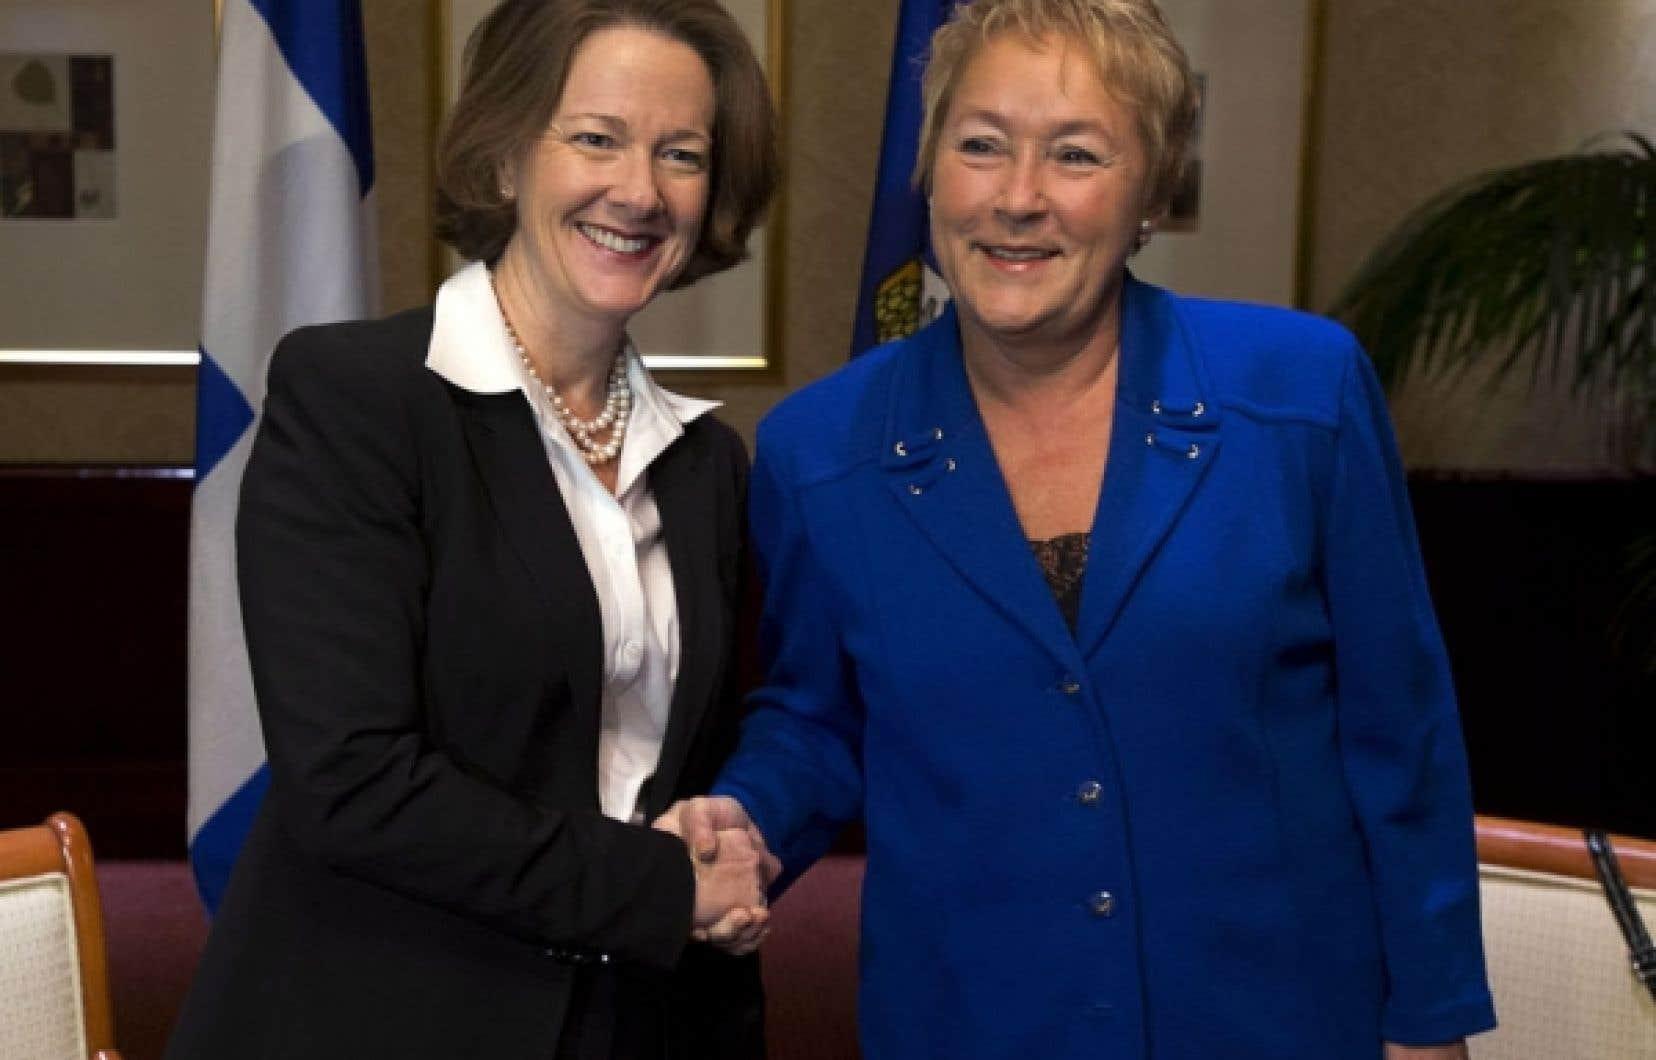 Justin Trudeau rencontre Pauline Marois | Politique | Actualités | Le Soleil - Québec